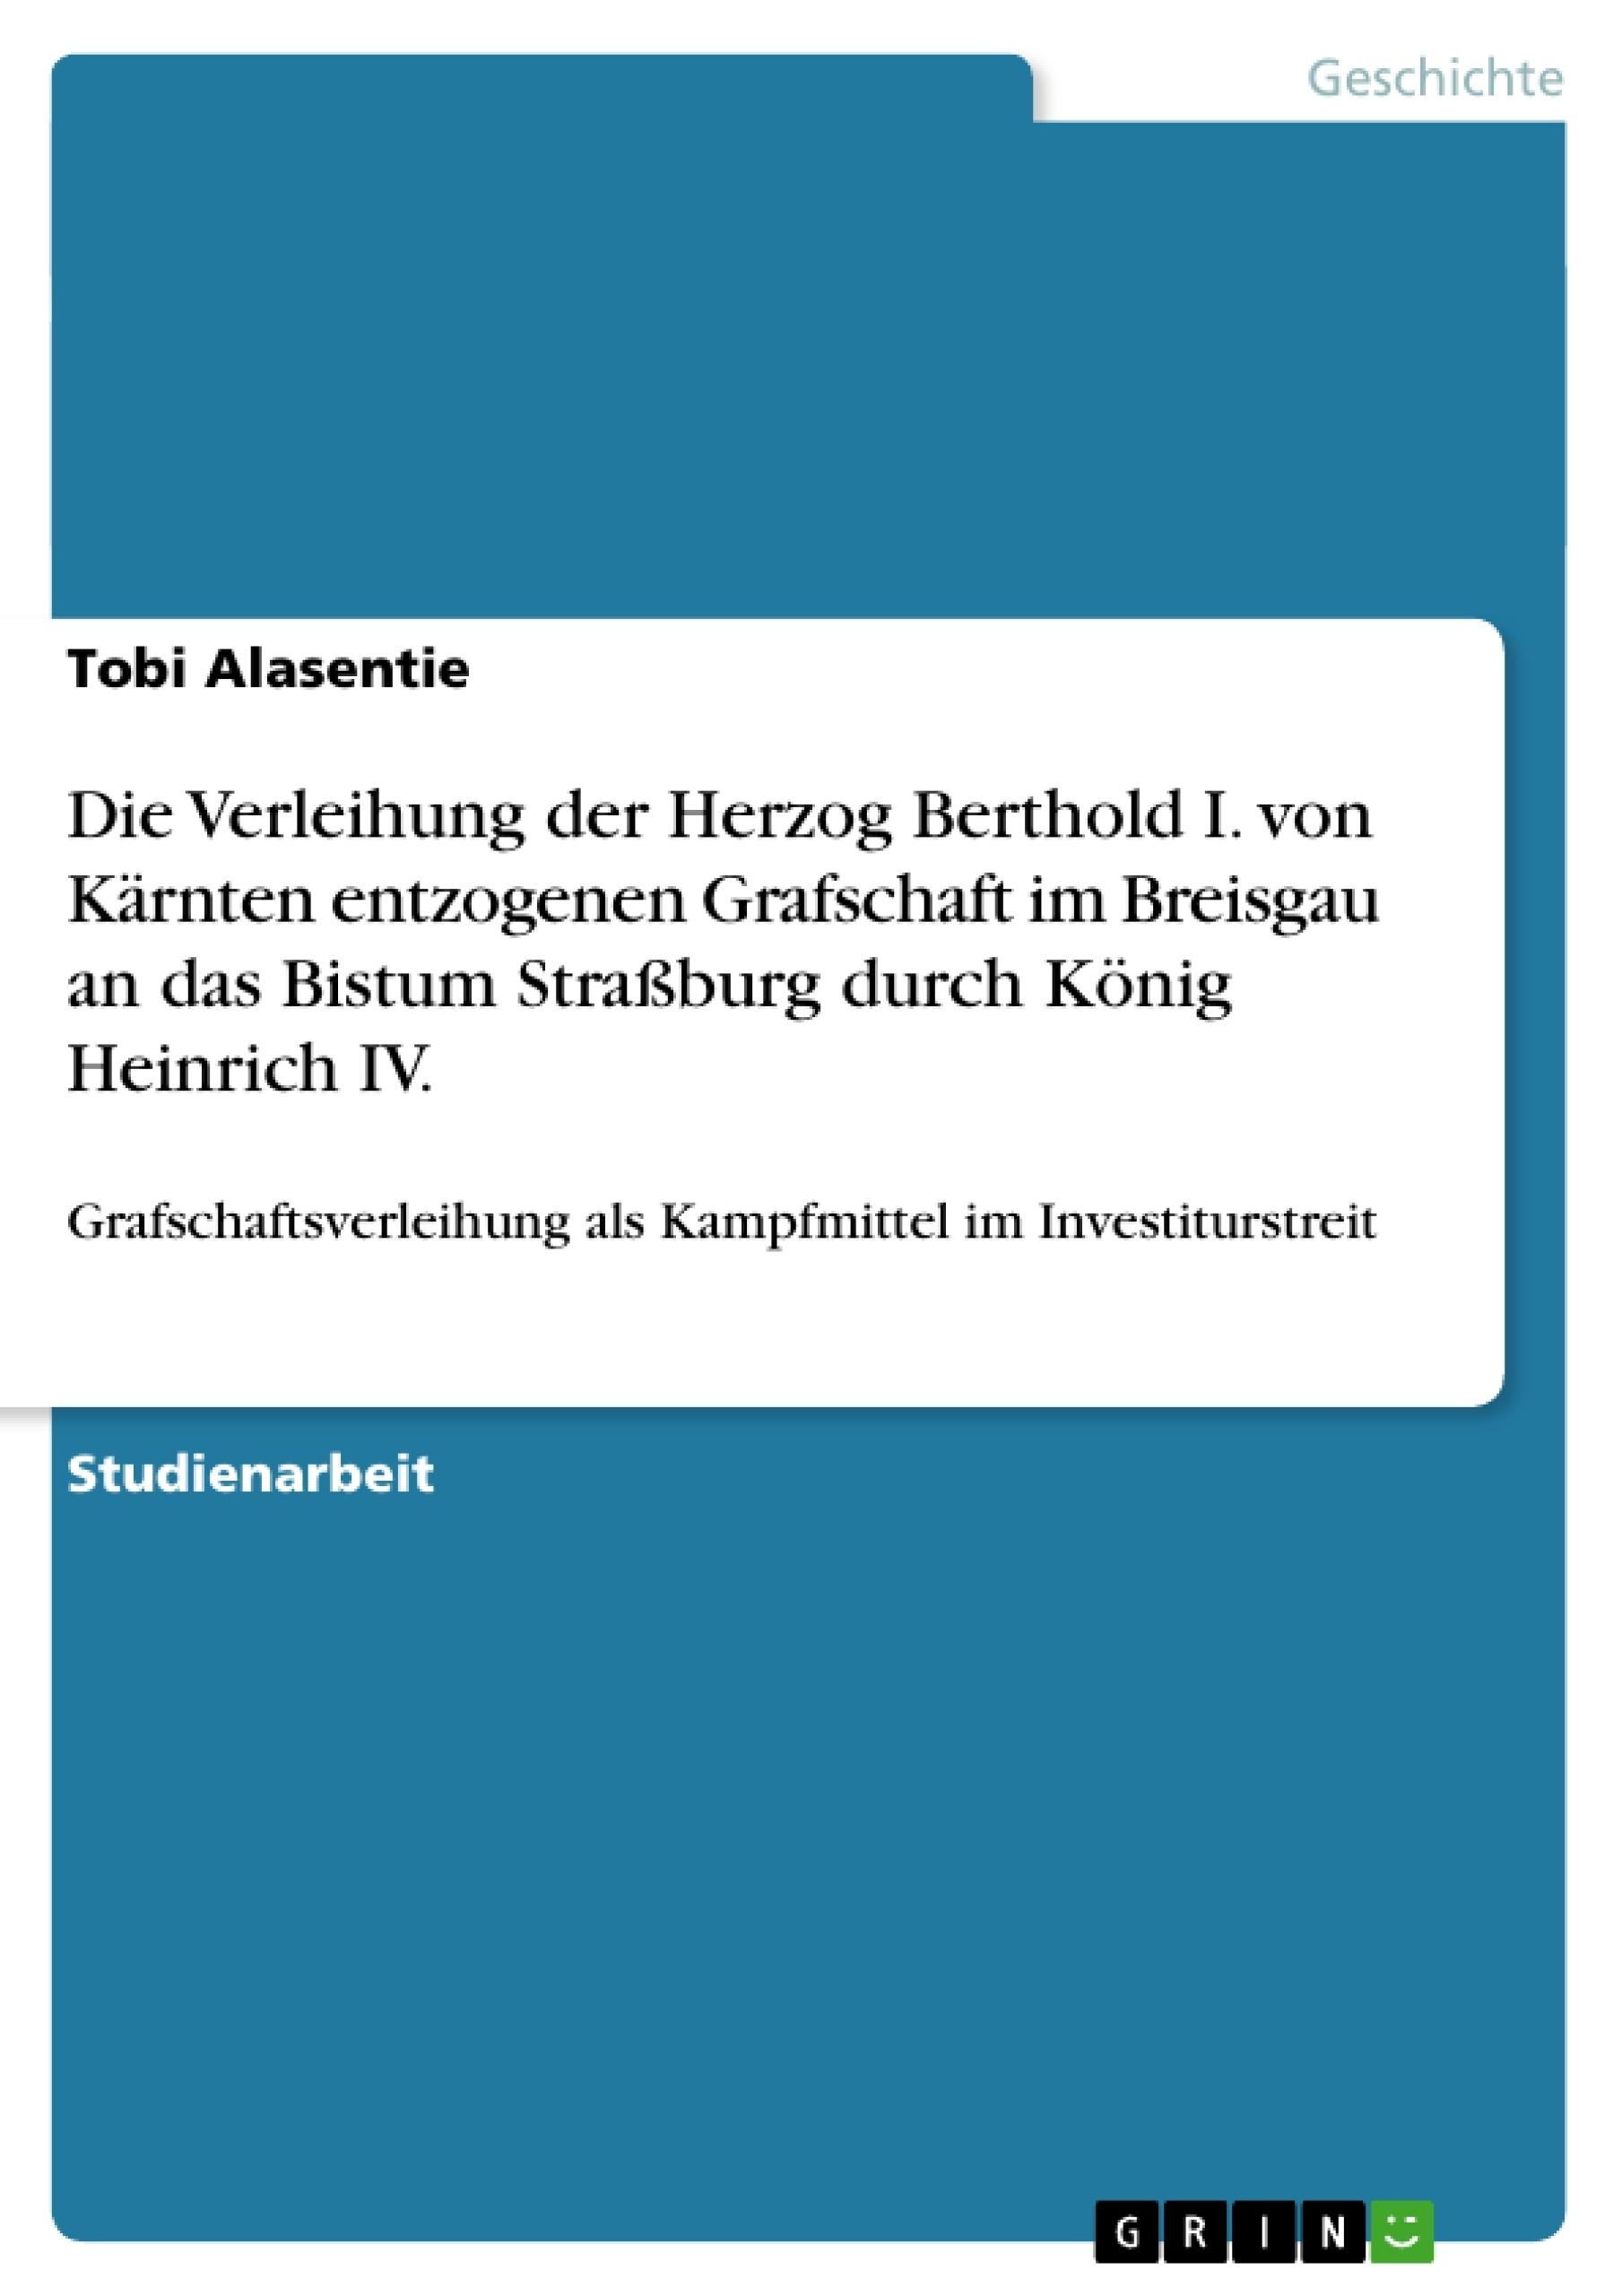 Titel: Die Verleihung der Herzog Berthold I. von Kärnten entzogenen Grafschaft im Breisgau an das Bistum Straßburg durch König Heinrich IV.